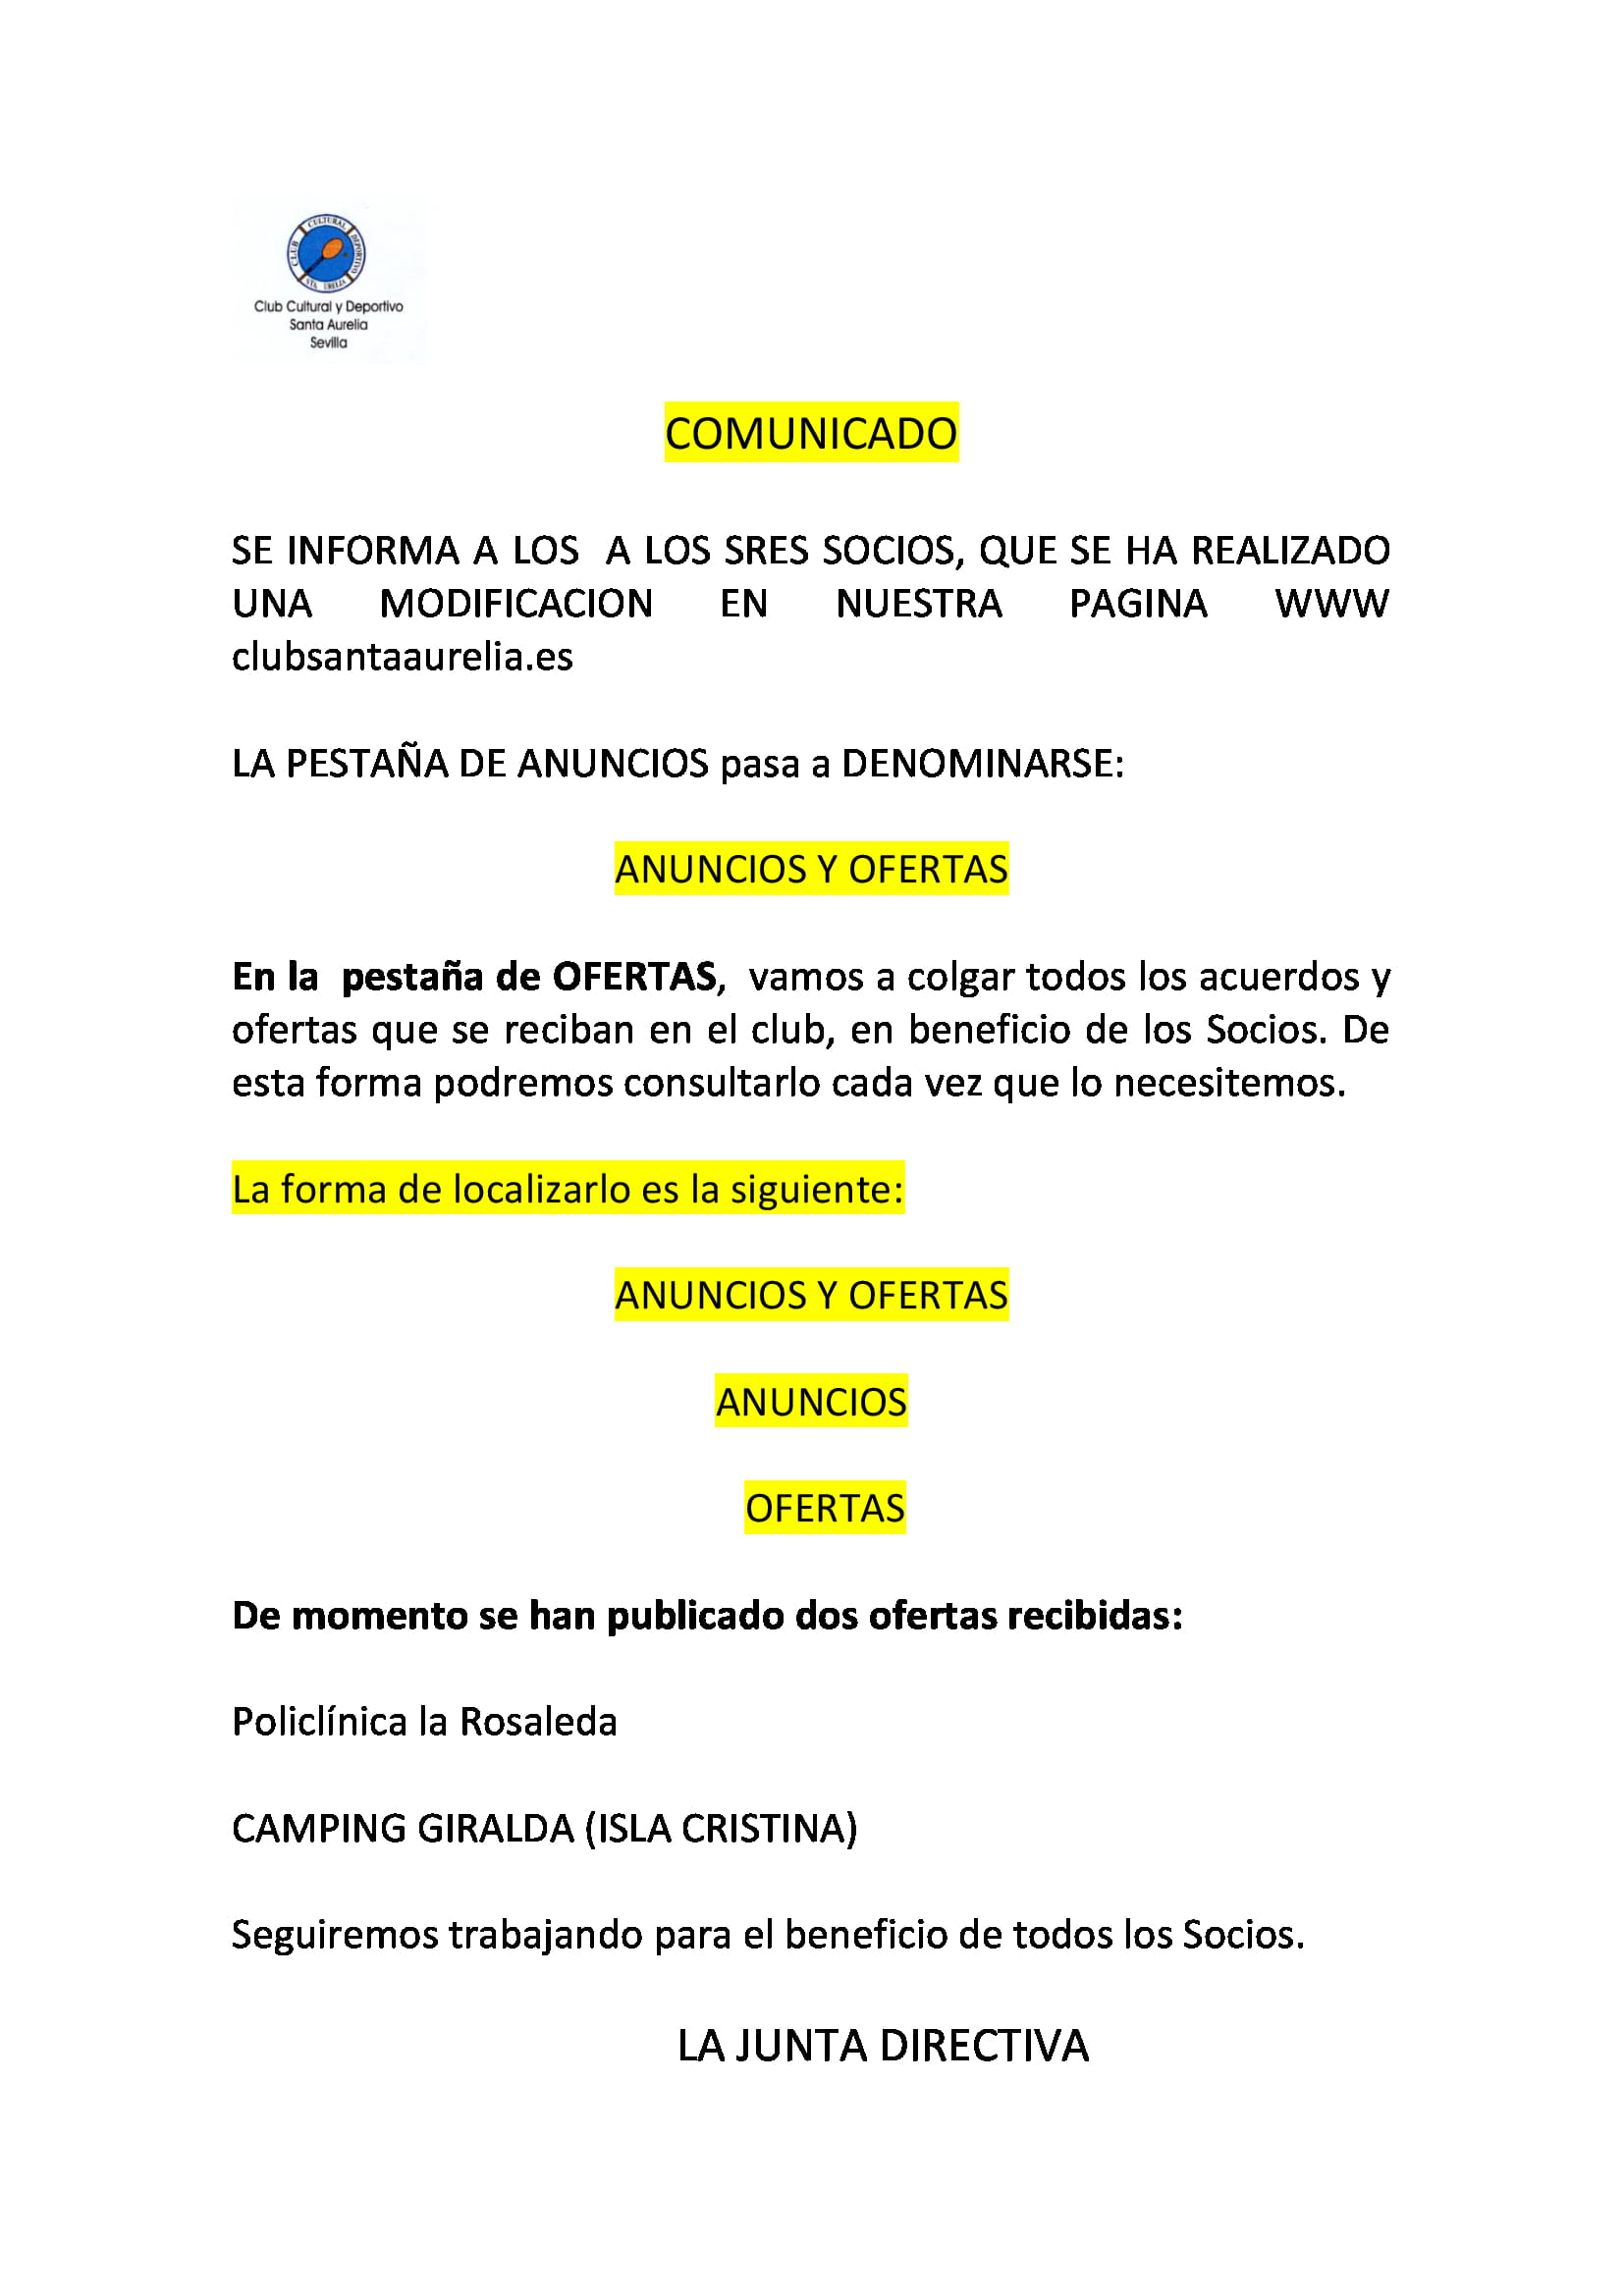 COMUNICADO ANUNCIOS Y OFERTAS